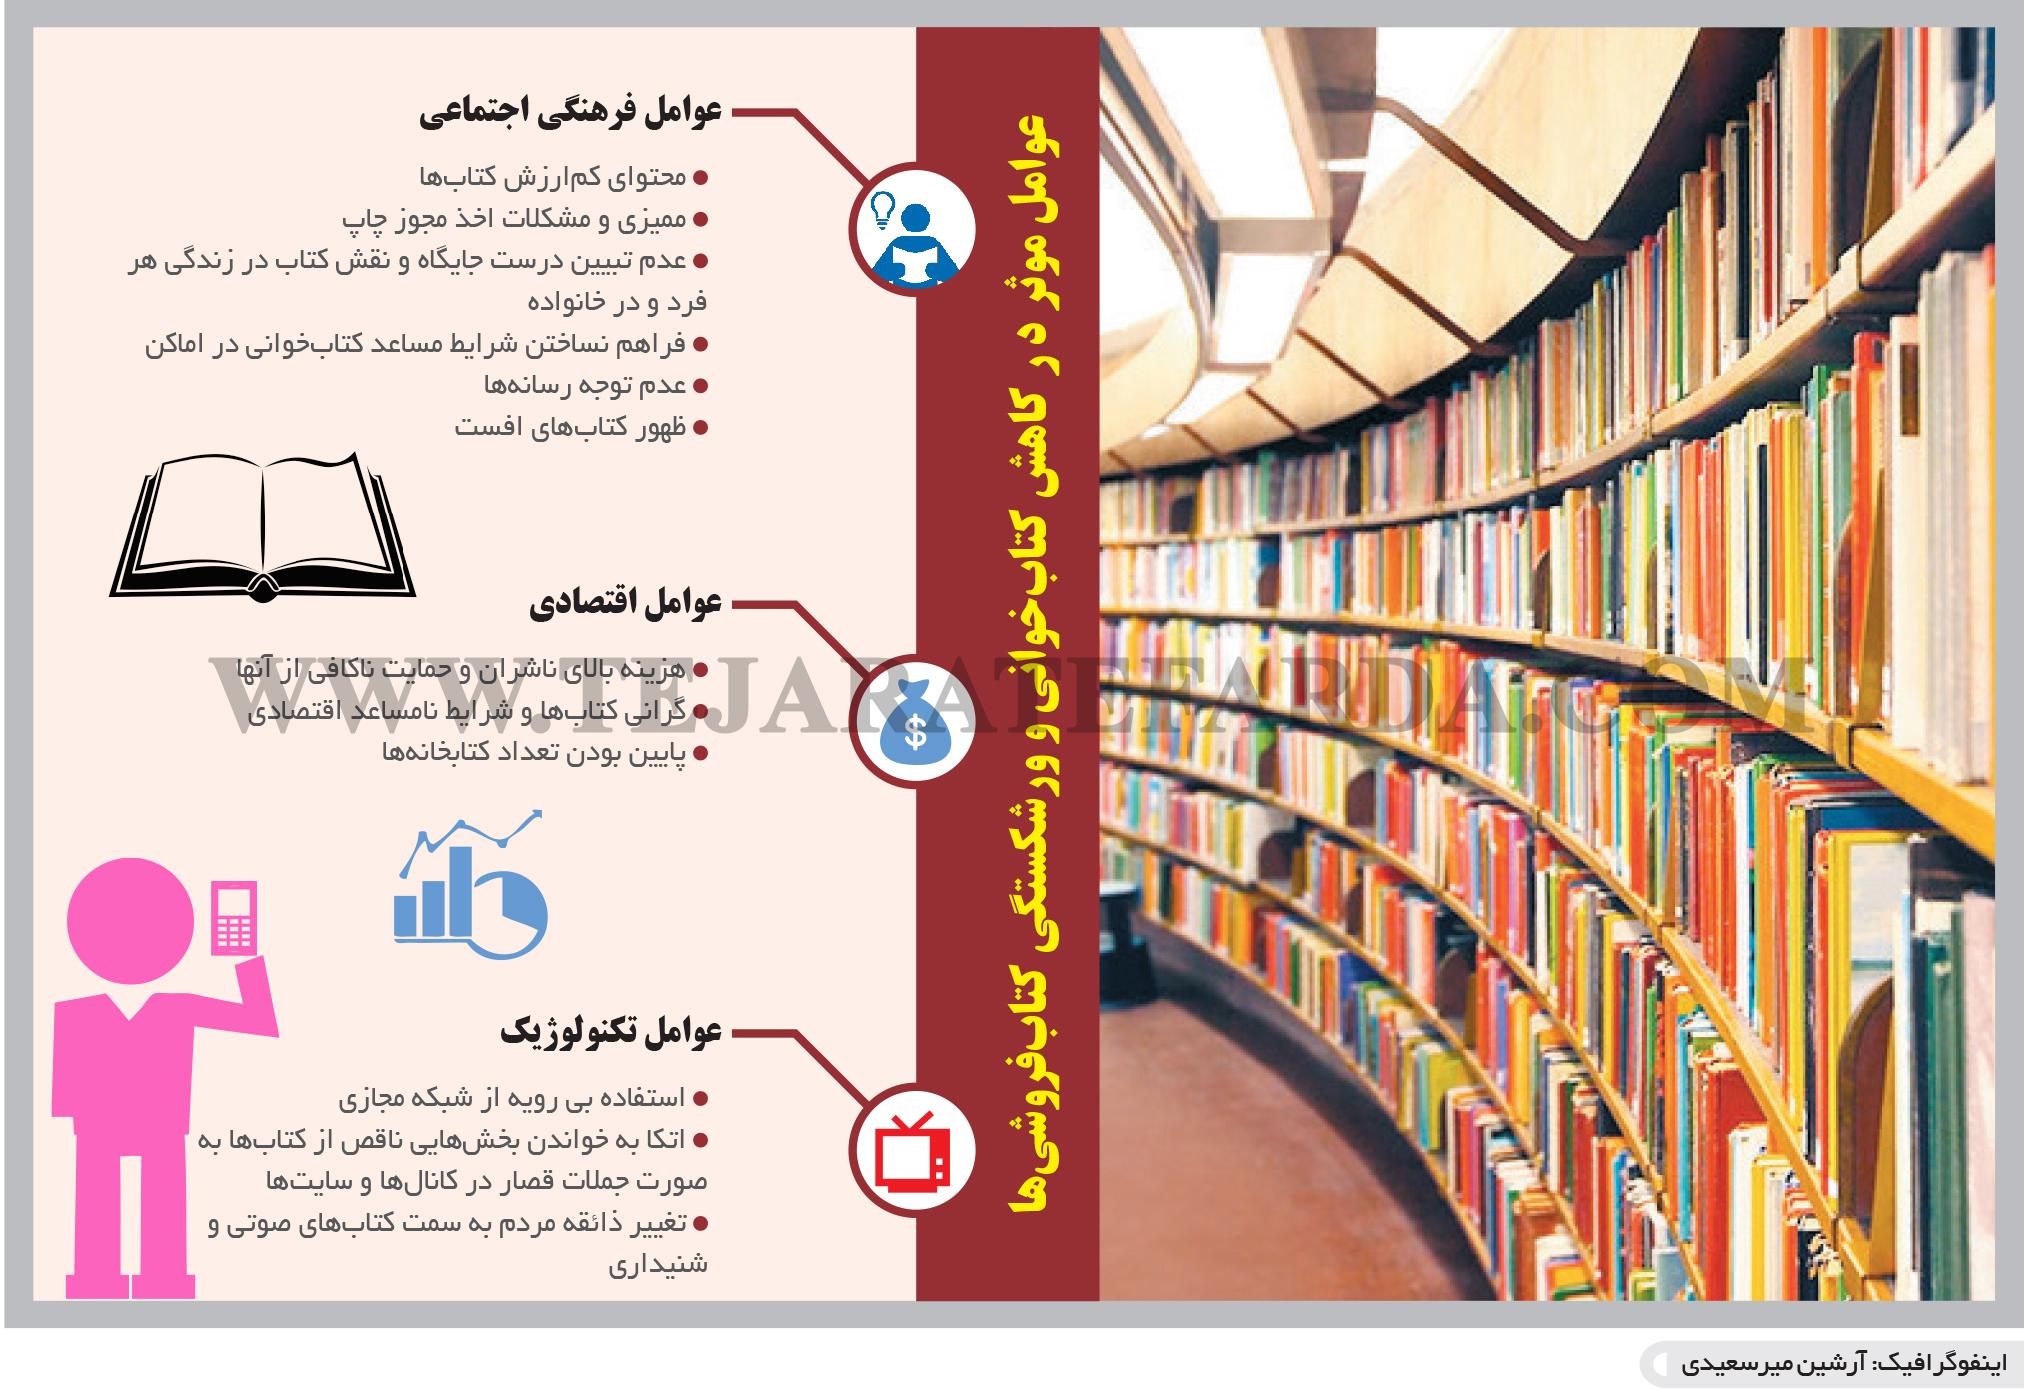 تجارت- فردا- ورشکستگی کتاب(اینفوگرافیک)